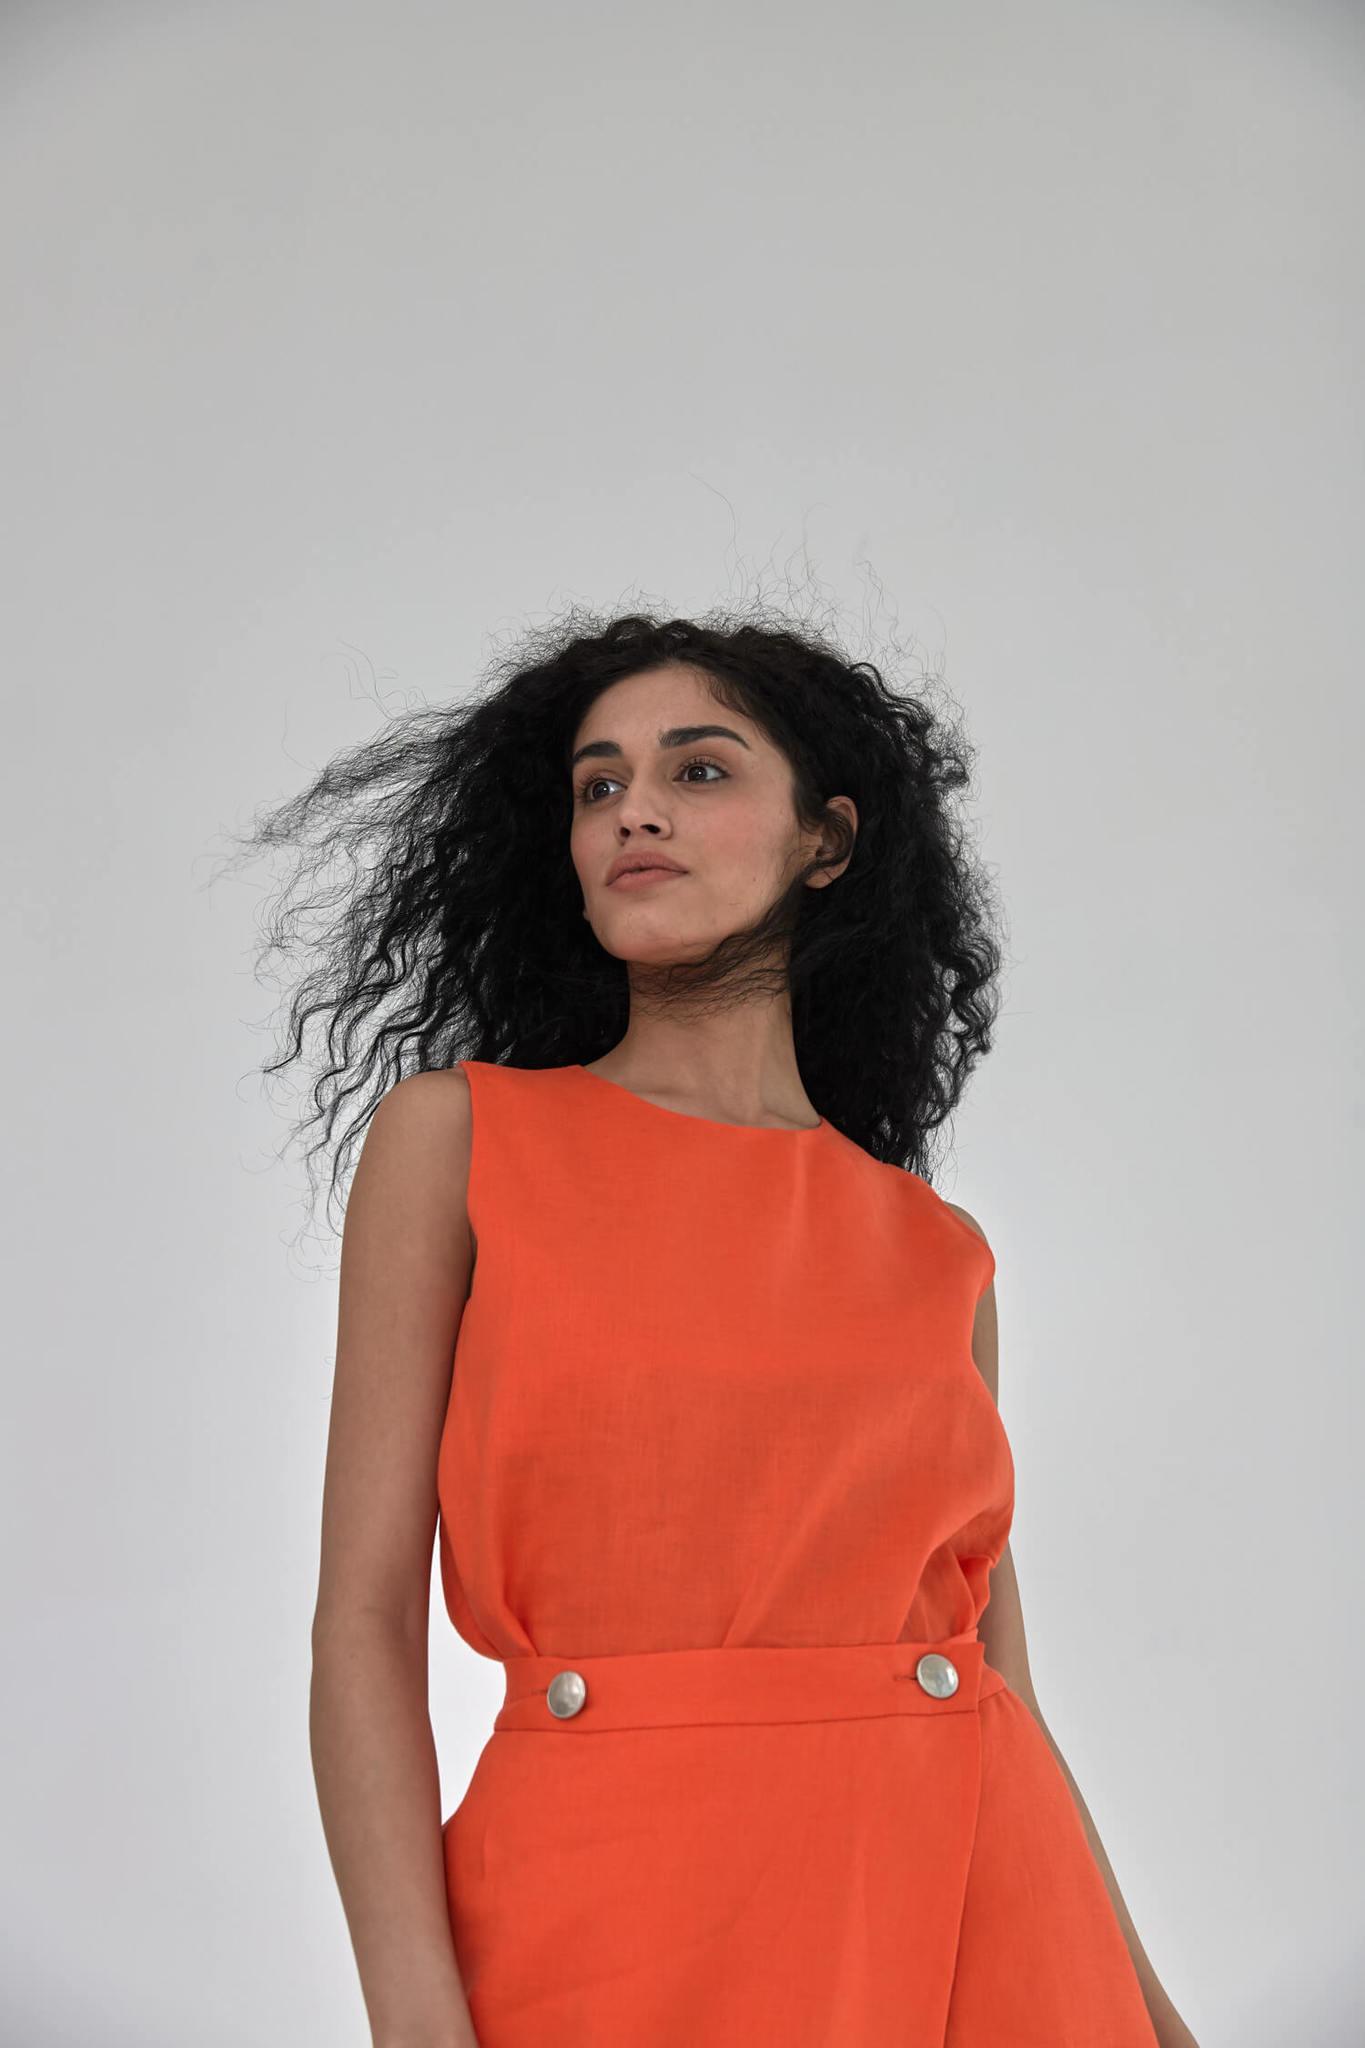 цвет: красный апельсин